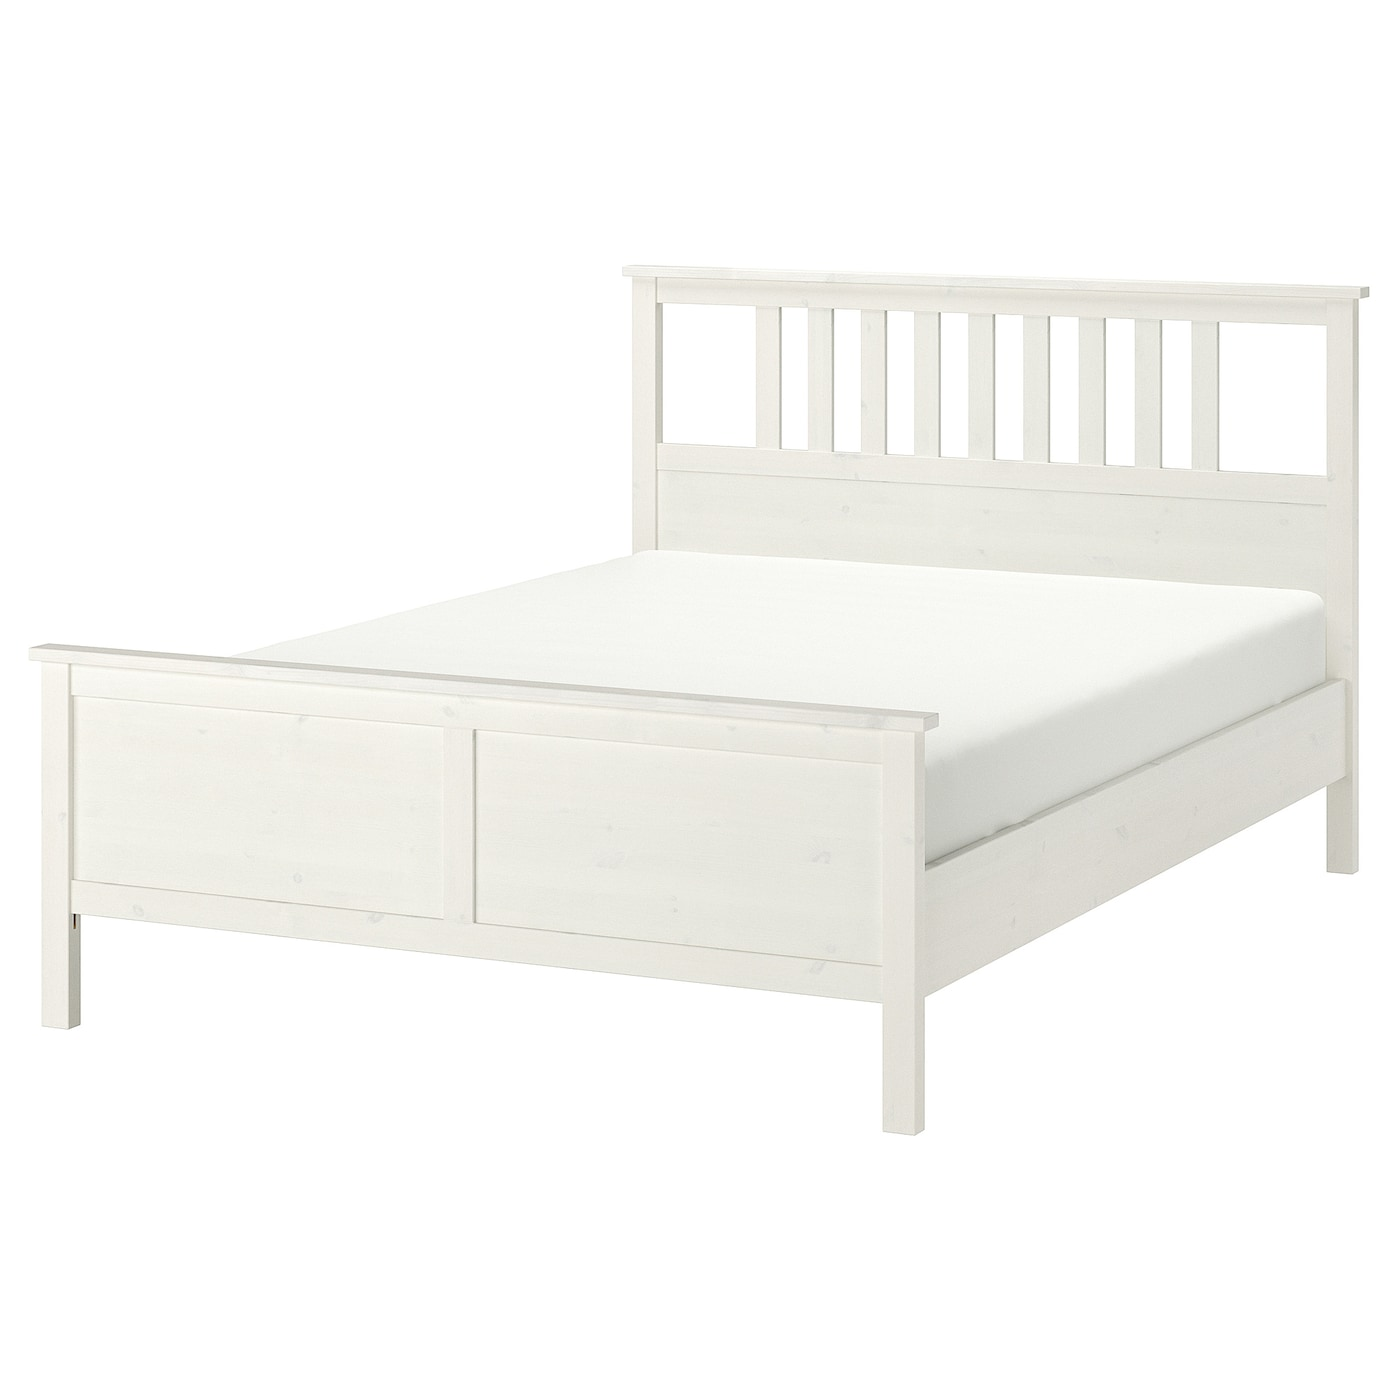 Hemnes estructura cama tinte blanco 140 x 200 cm ikea - Estructura cama ...